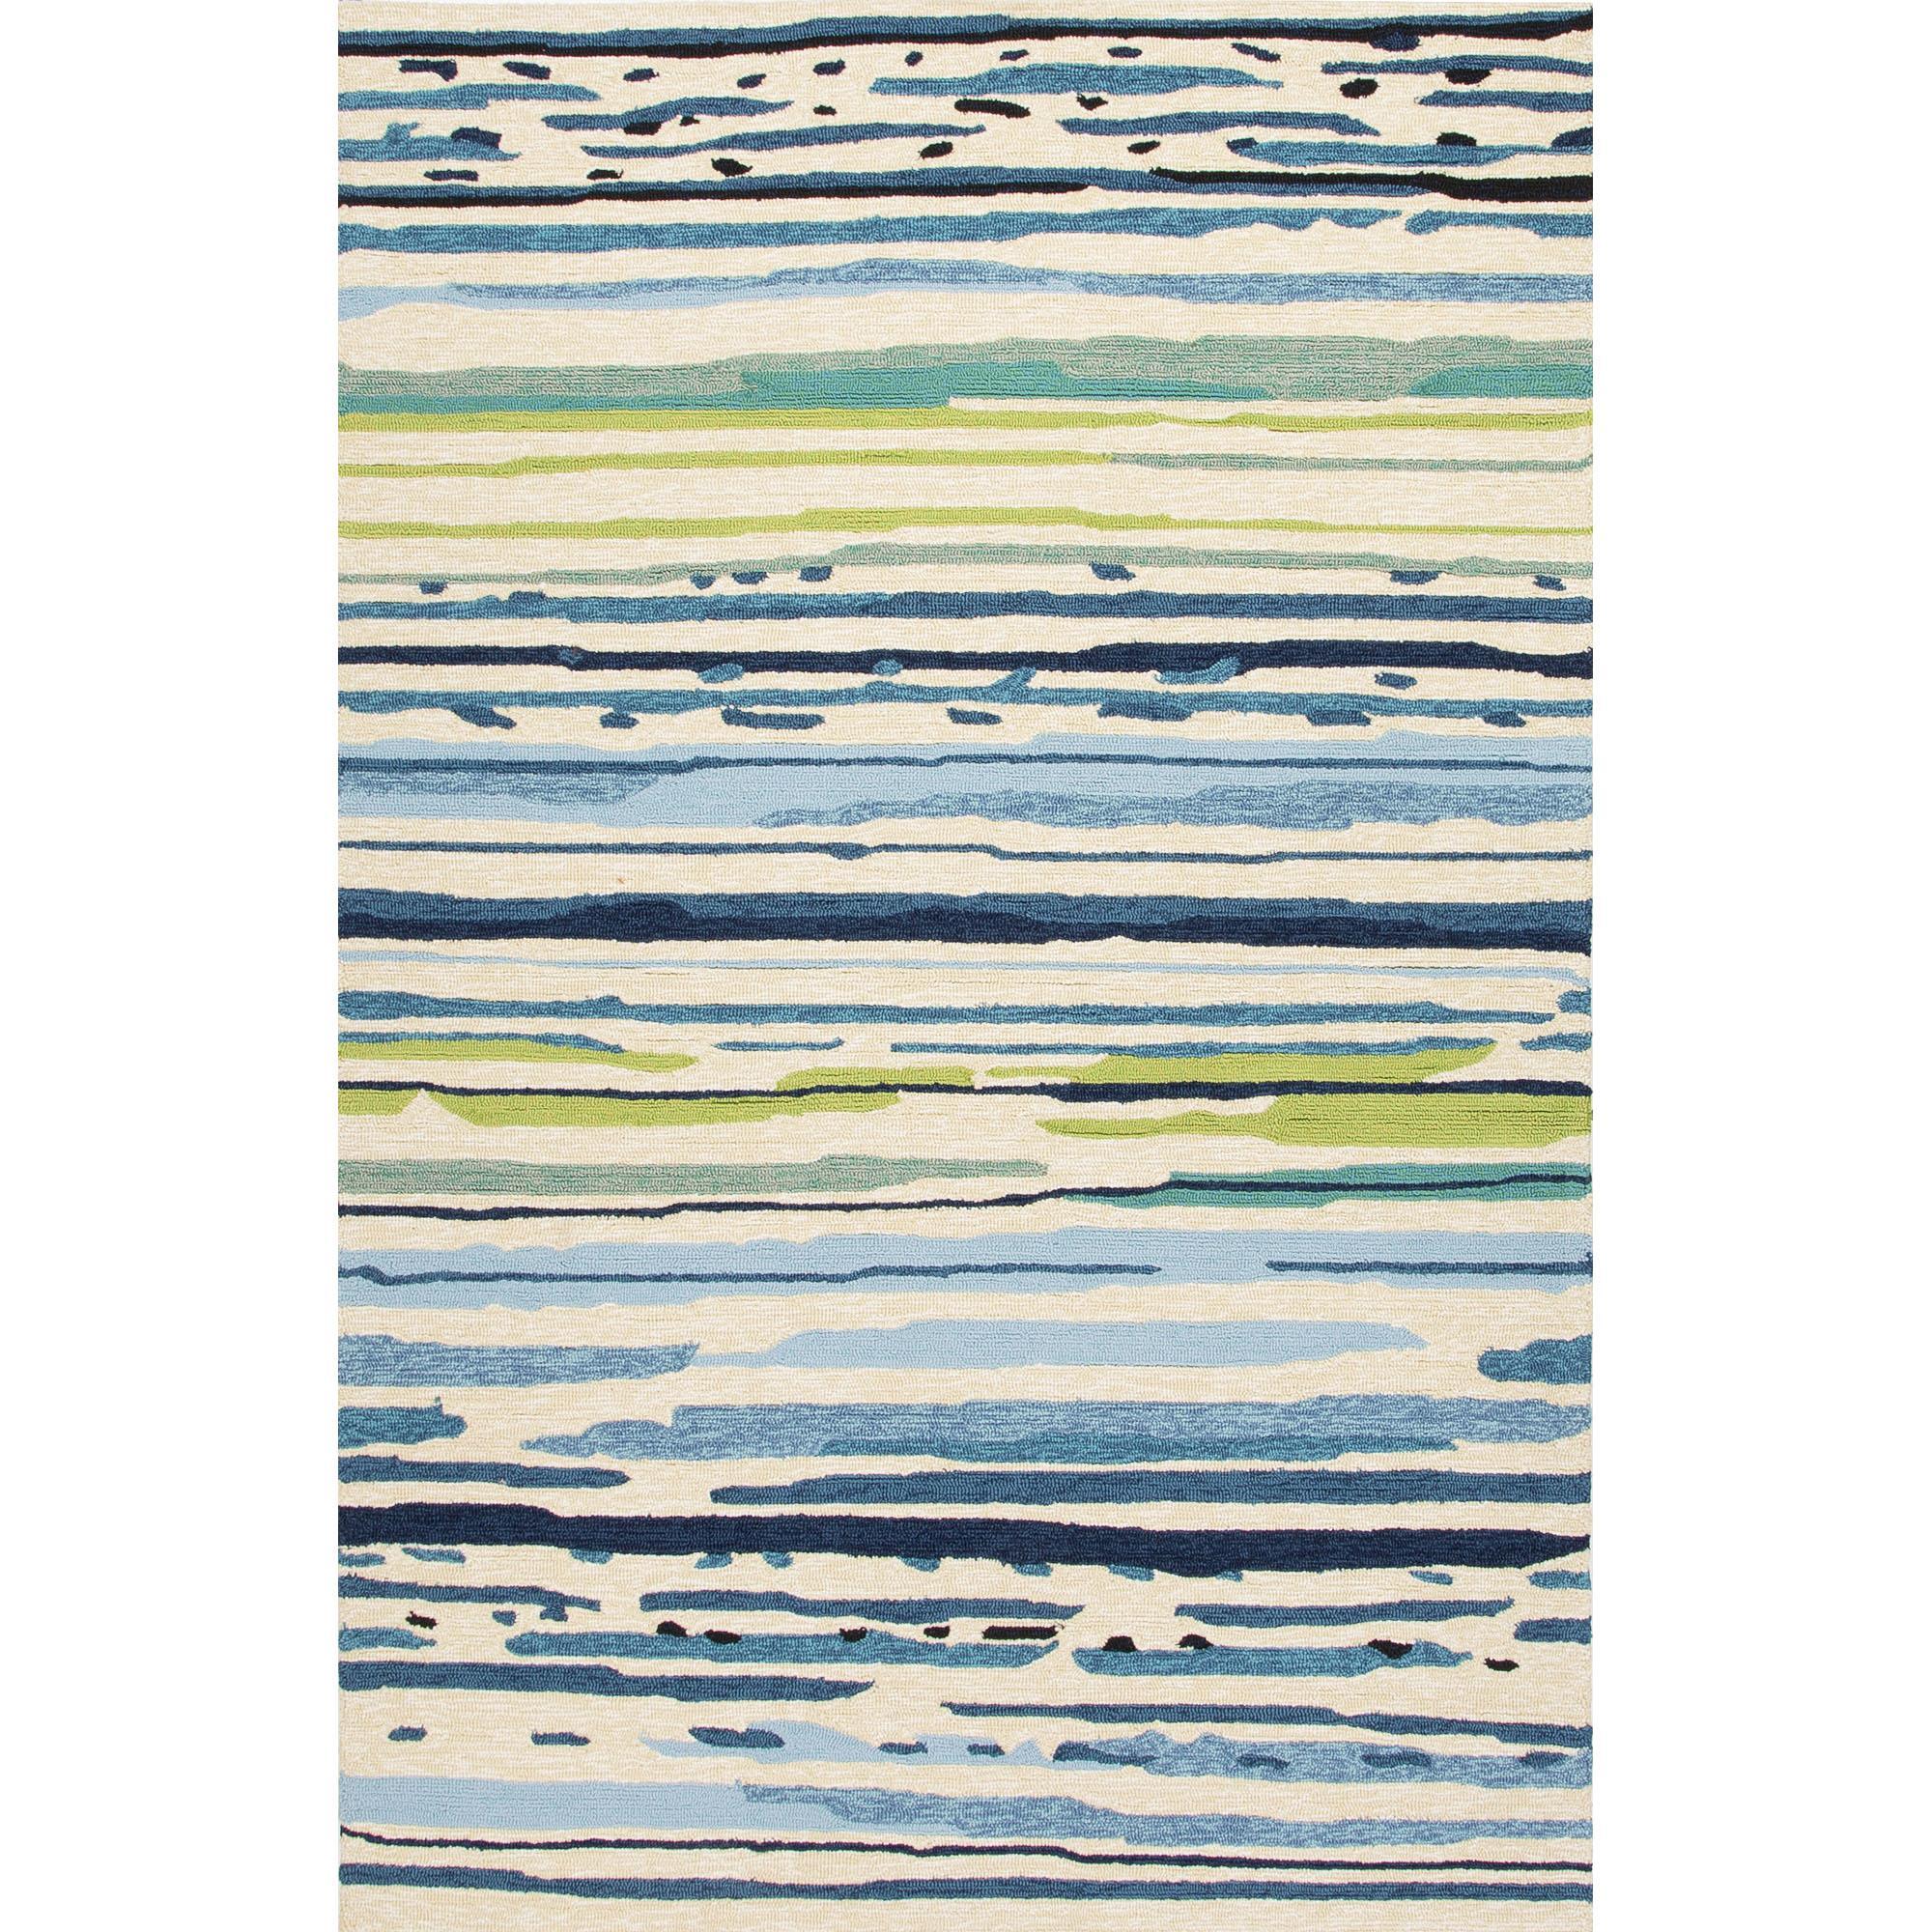 JAIPUR Rugs Colours 2 x 3 Rug - Item Number: RUG117549